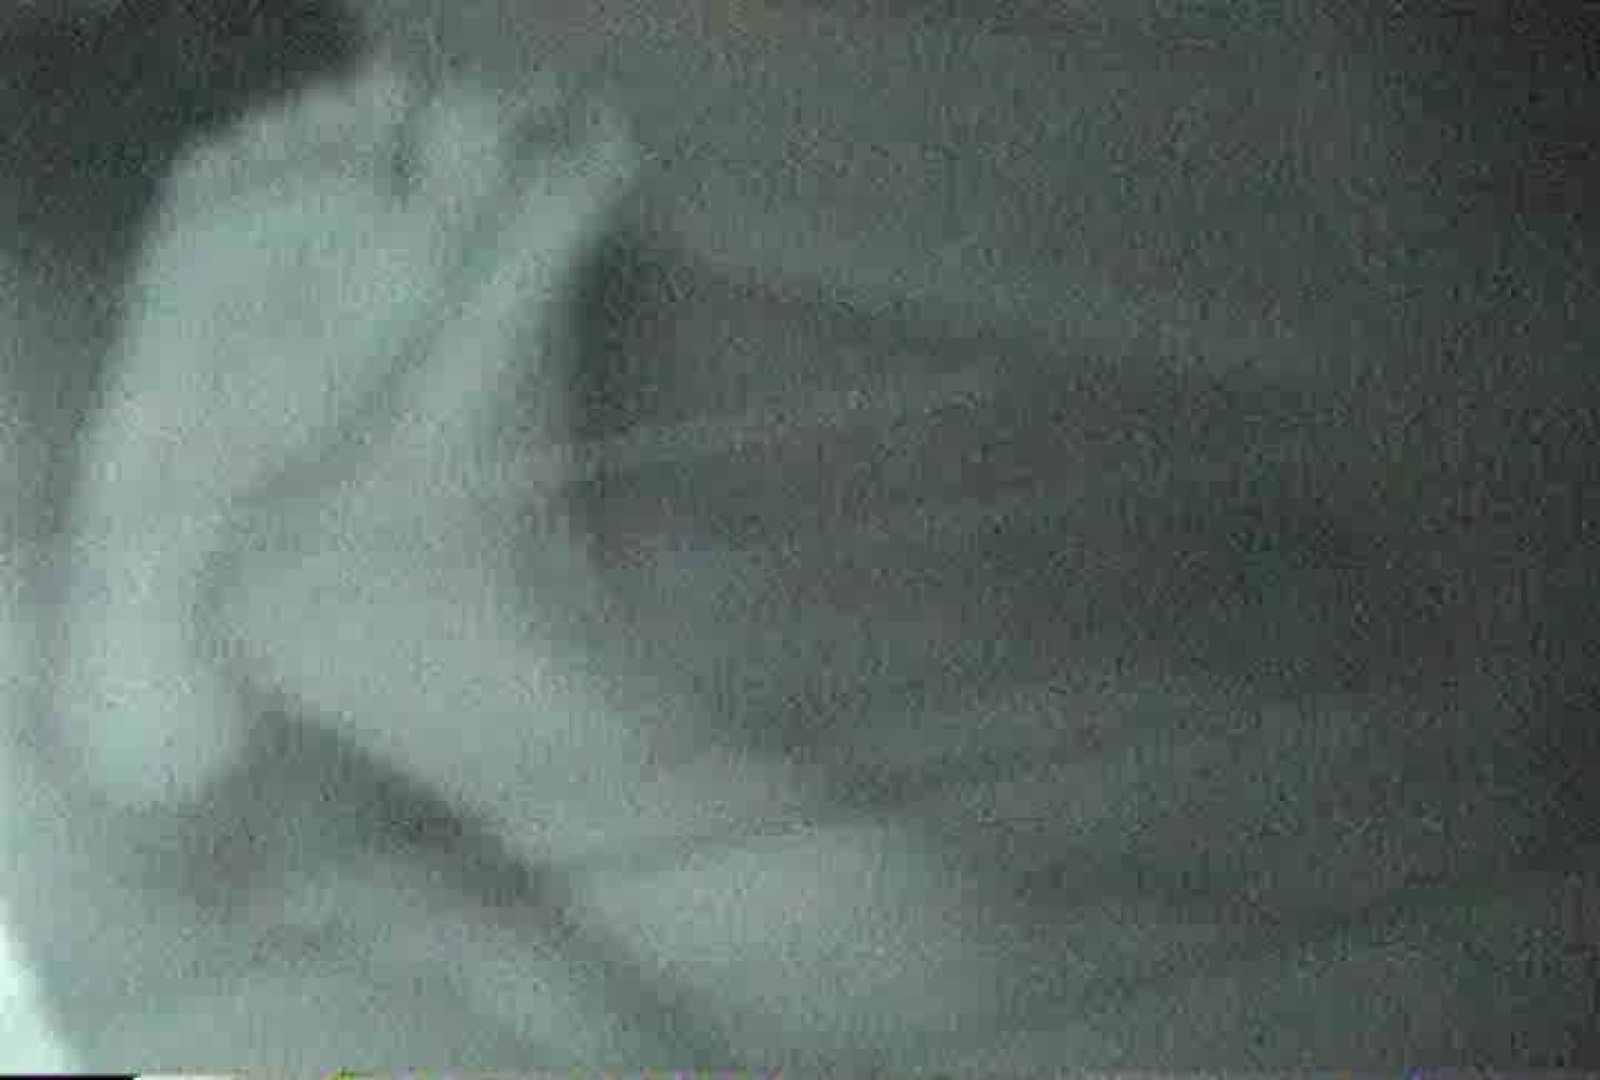 充血監督の深夜の運動会Vol.112 覗き | 素人エロ画像  83PICs 71